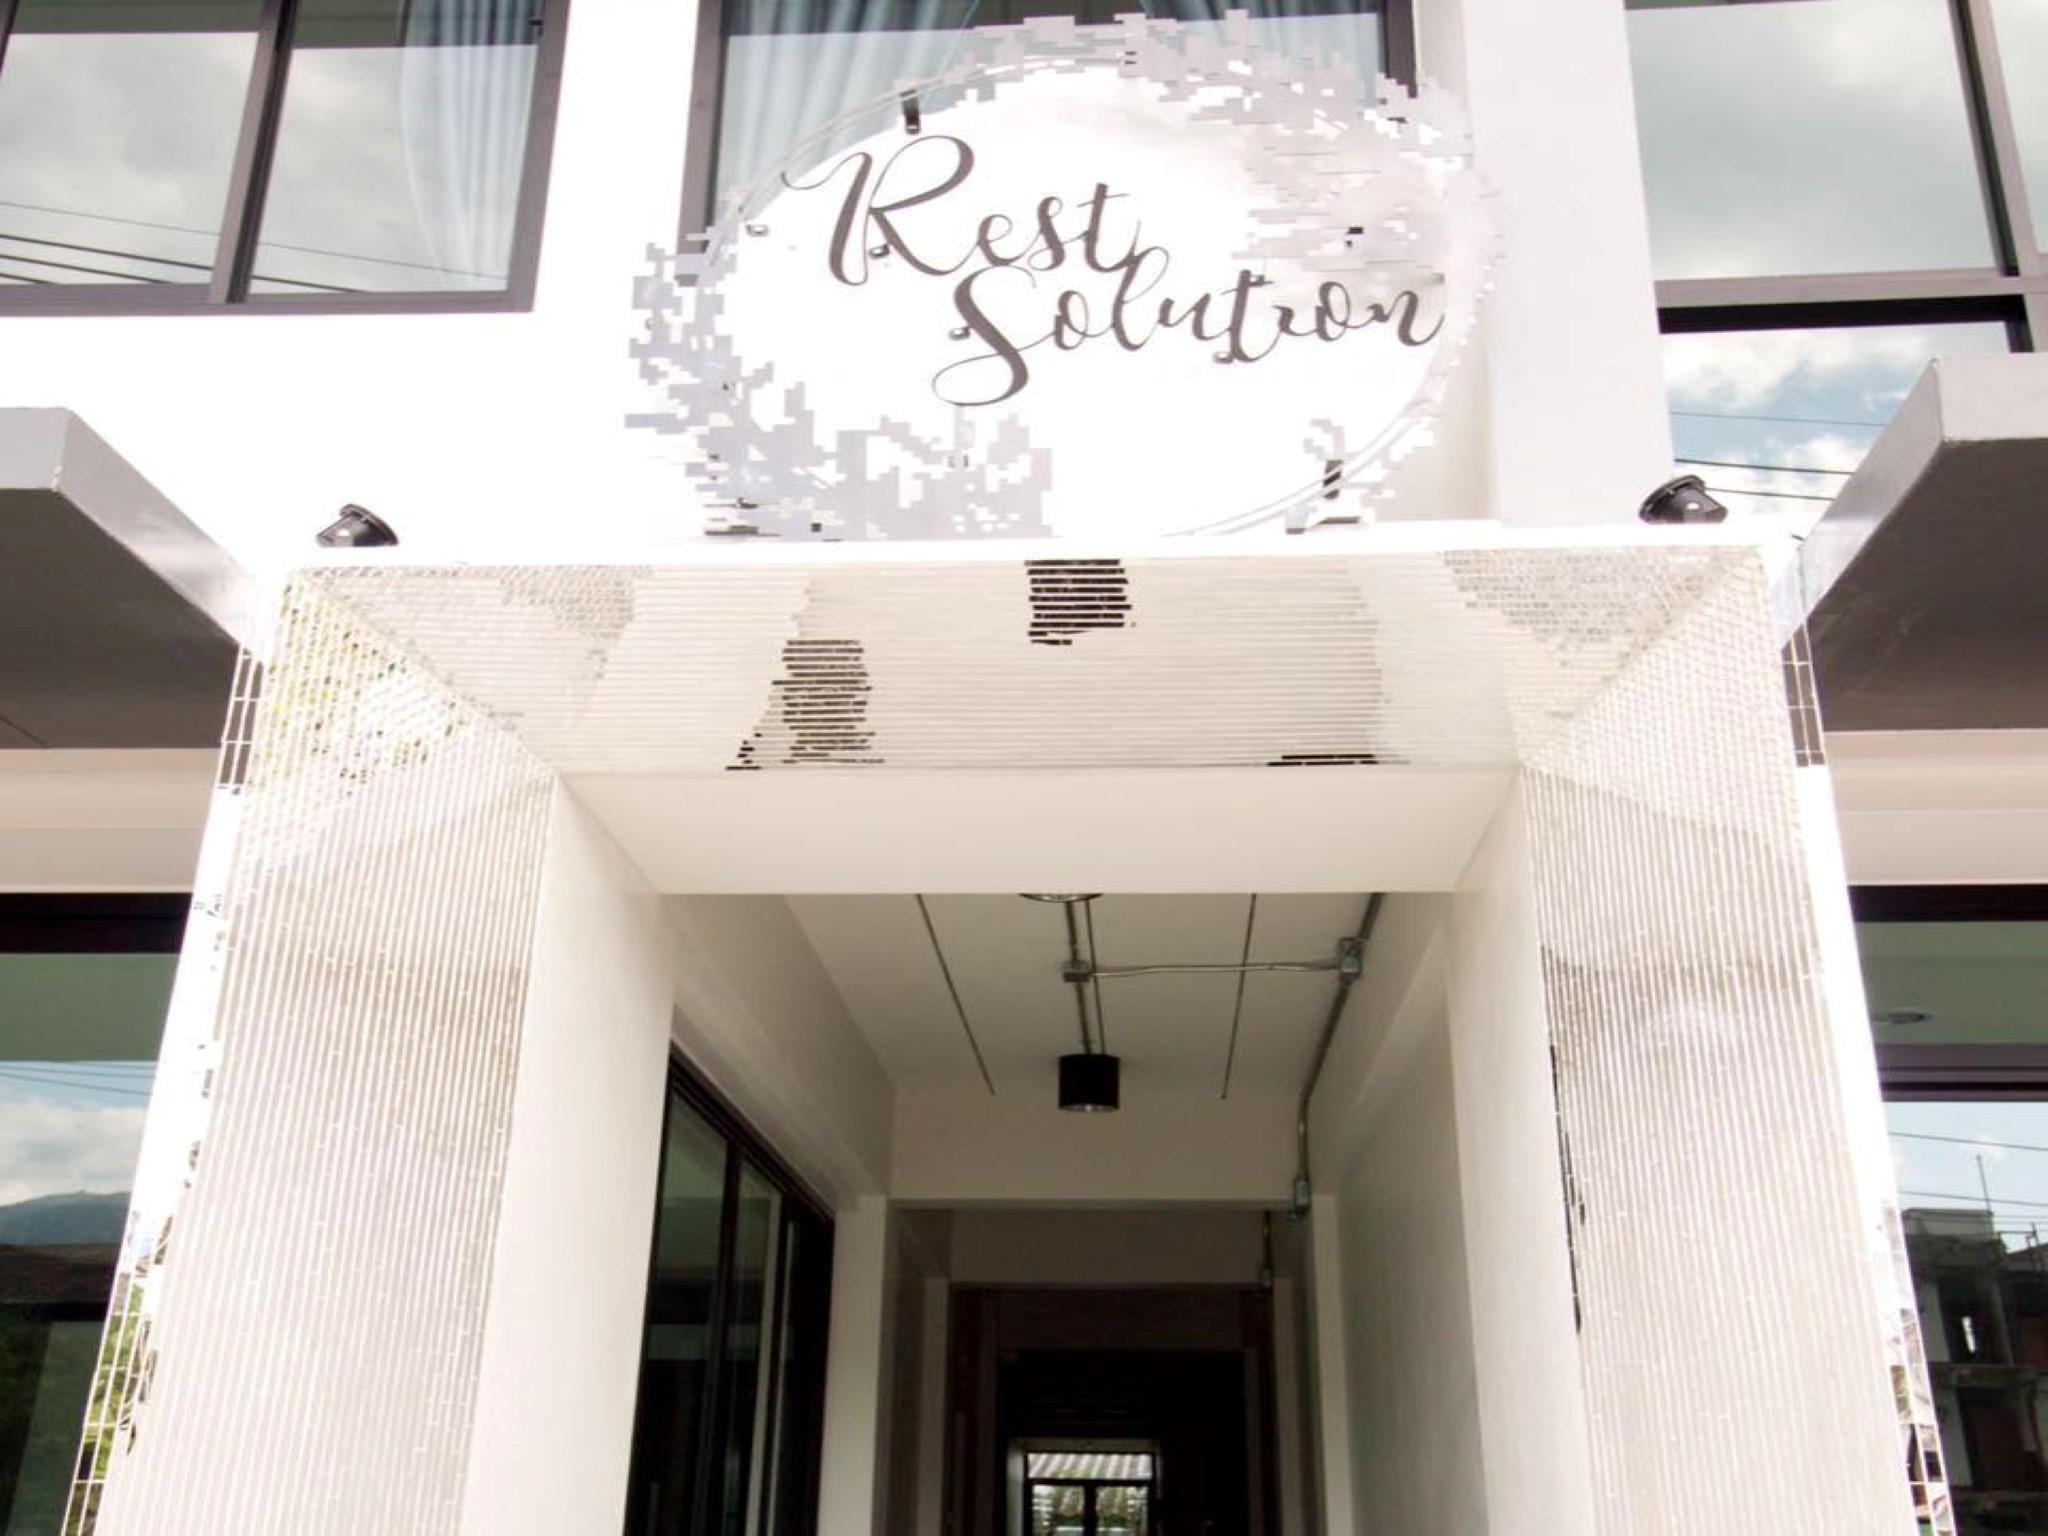 清迈休闲方案酒店,เรสต์ โซลูชั่น เชียงใหม่